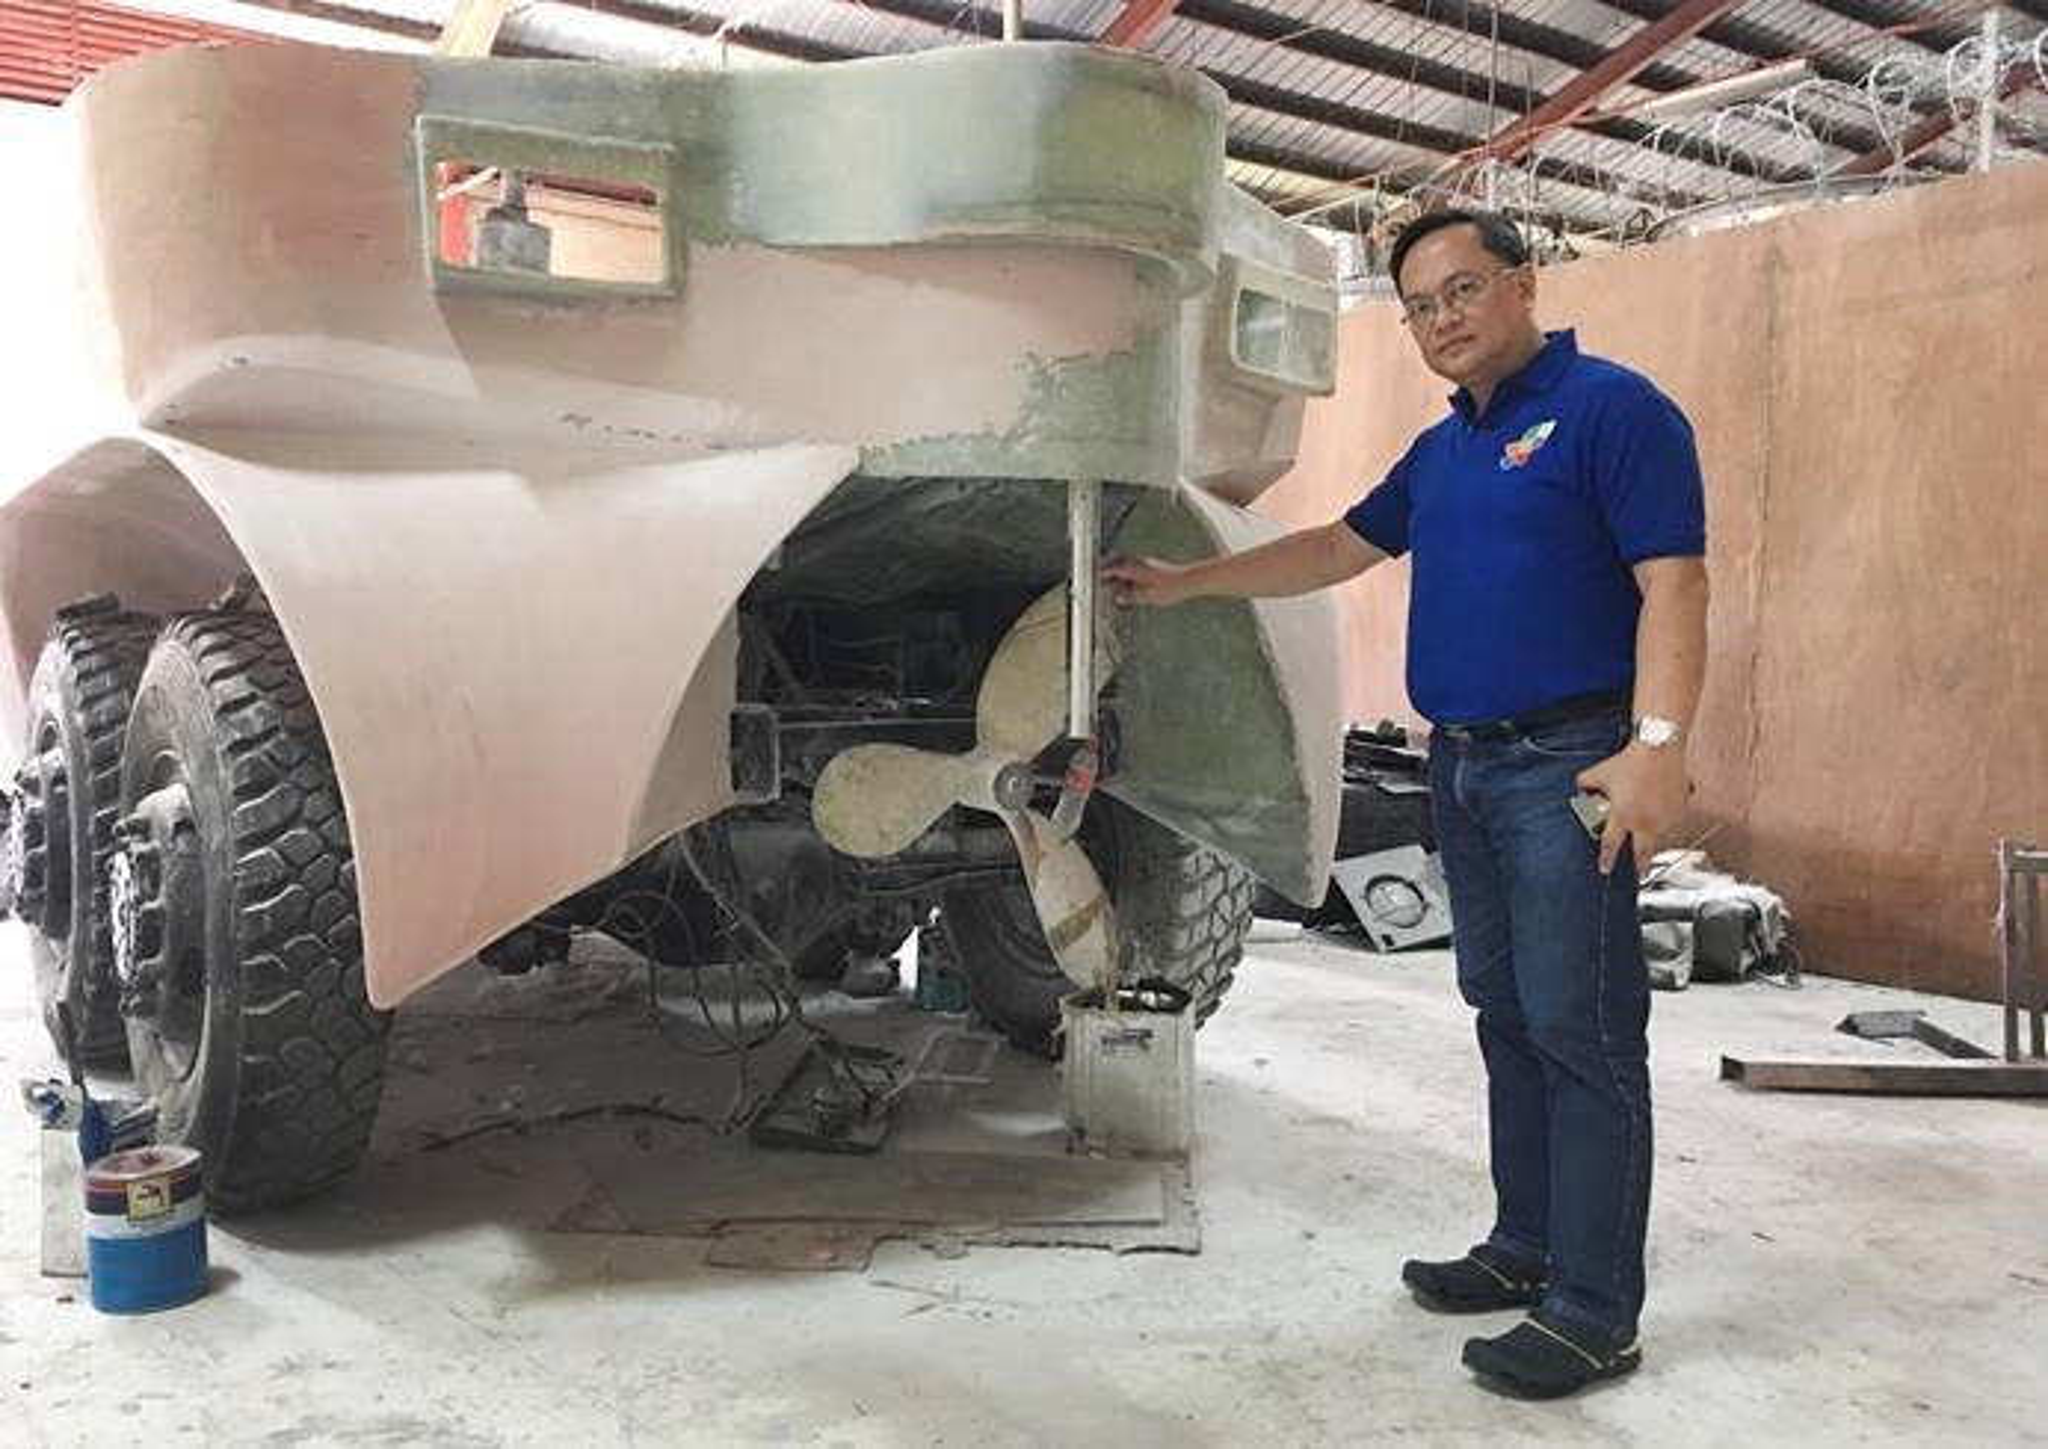 Julius Caesar V. Sicat, director regional del Departamento de Ciencia y Tecnología de Filipinas, junto a un prototipo de vehículo anfibio de rescate diseñado para salvar vidas en caso de grandes inundaciones. Foto cortesía de Ryan de Lara.